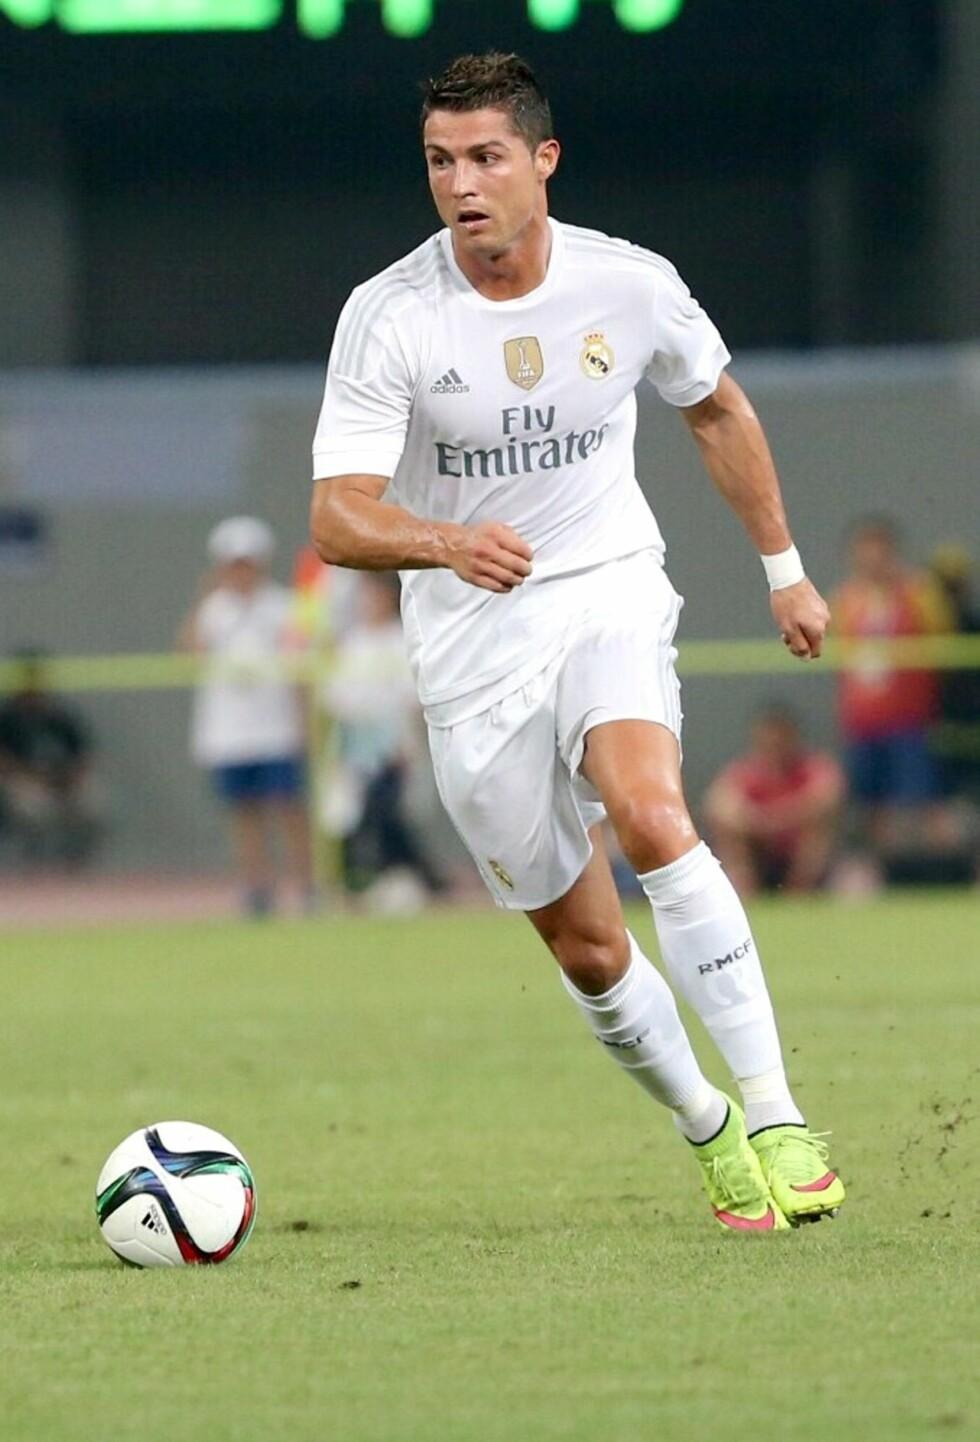 TRAVEL: Fotballesset er svært ettertraktet både på og utenfor fotballbanen, men tilbringer tilsynelatende mest mulig tid med sønnen sin. Ronaldo har tidligere fortalt at han selvsagt skiftet bleier på Cristiano Jr.  Foto: Splash News